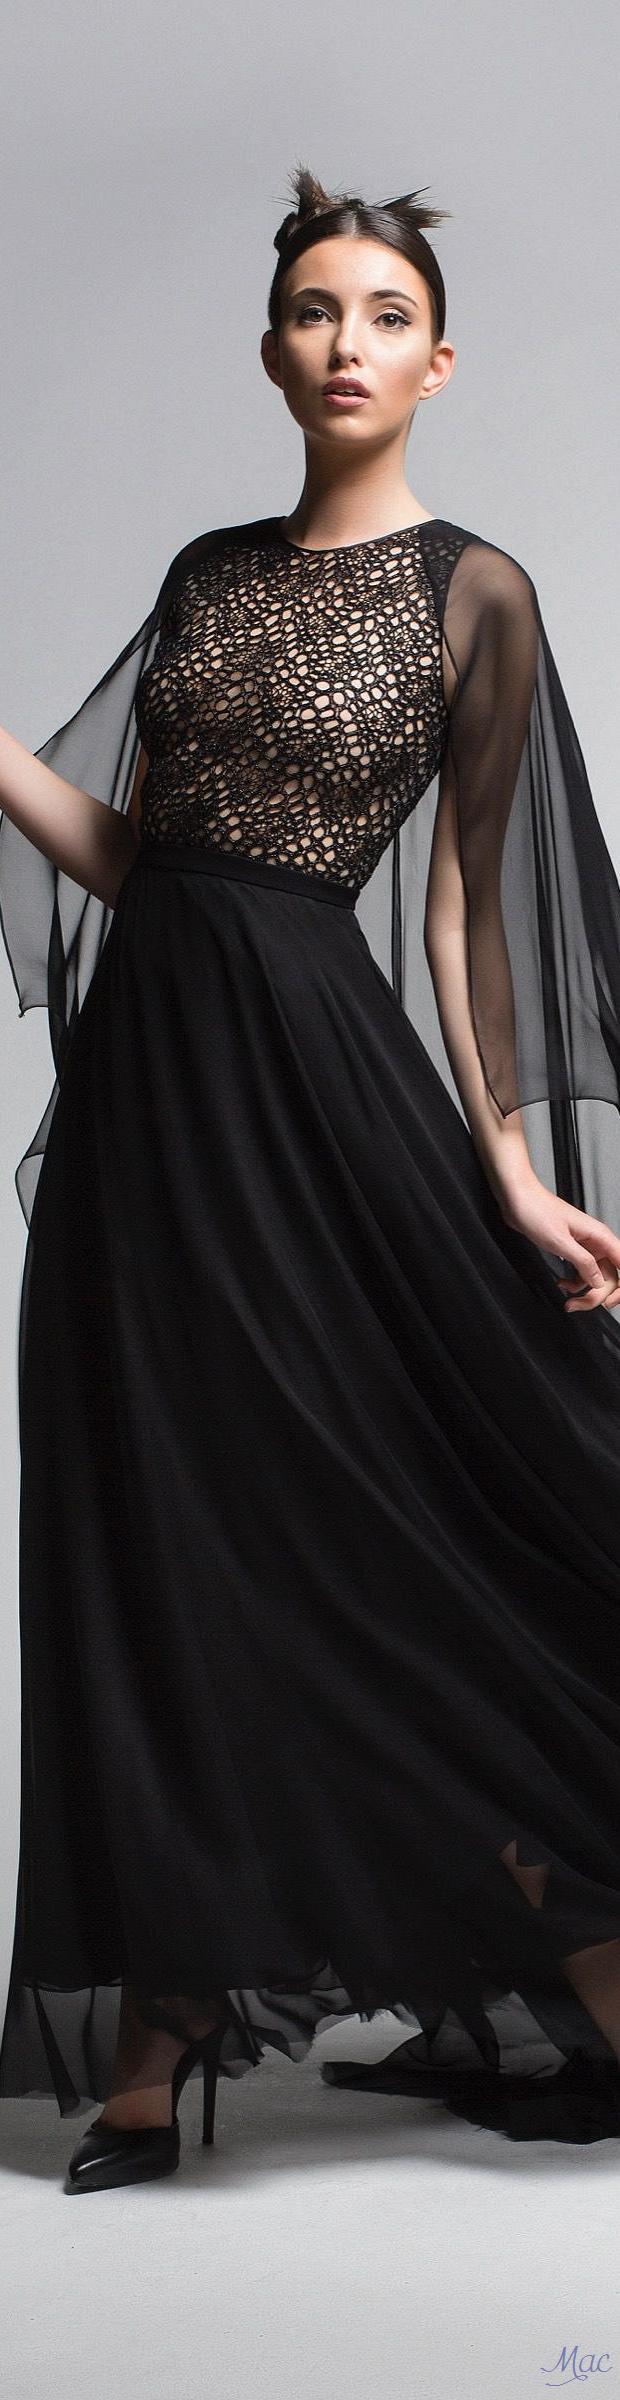 Fall 2016 Haute Couture - Aiisha Ramadan